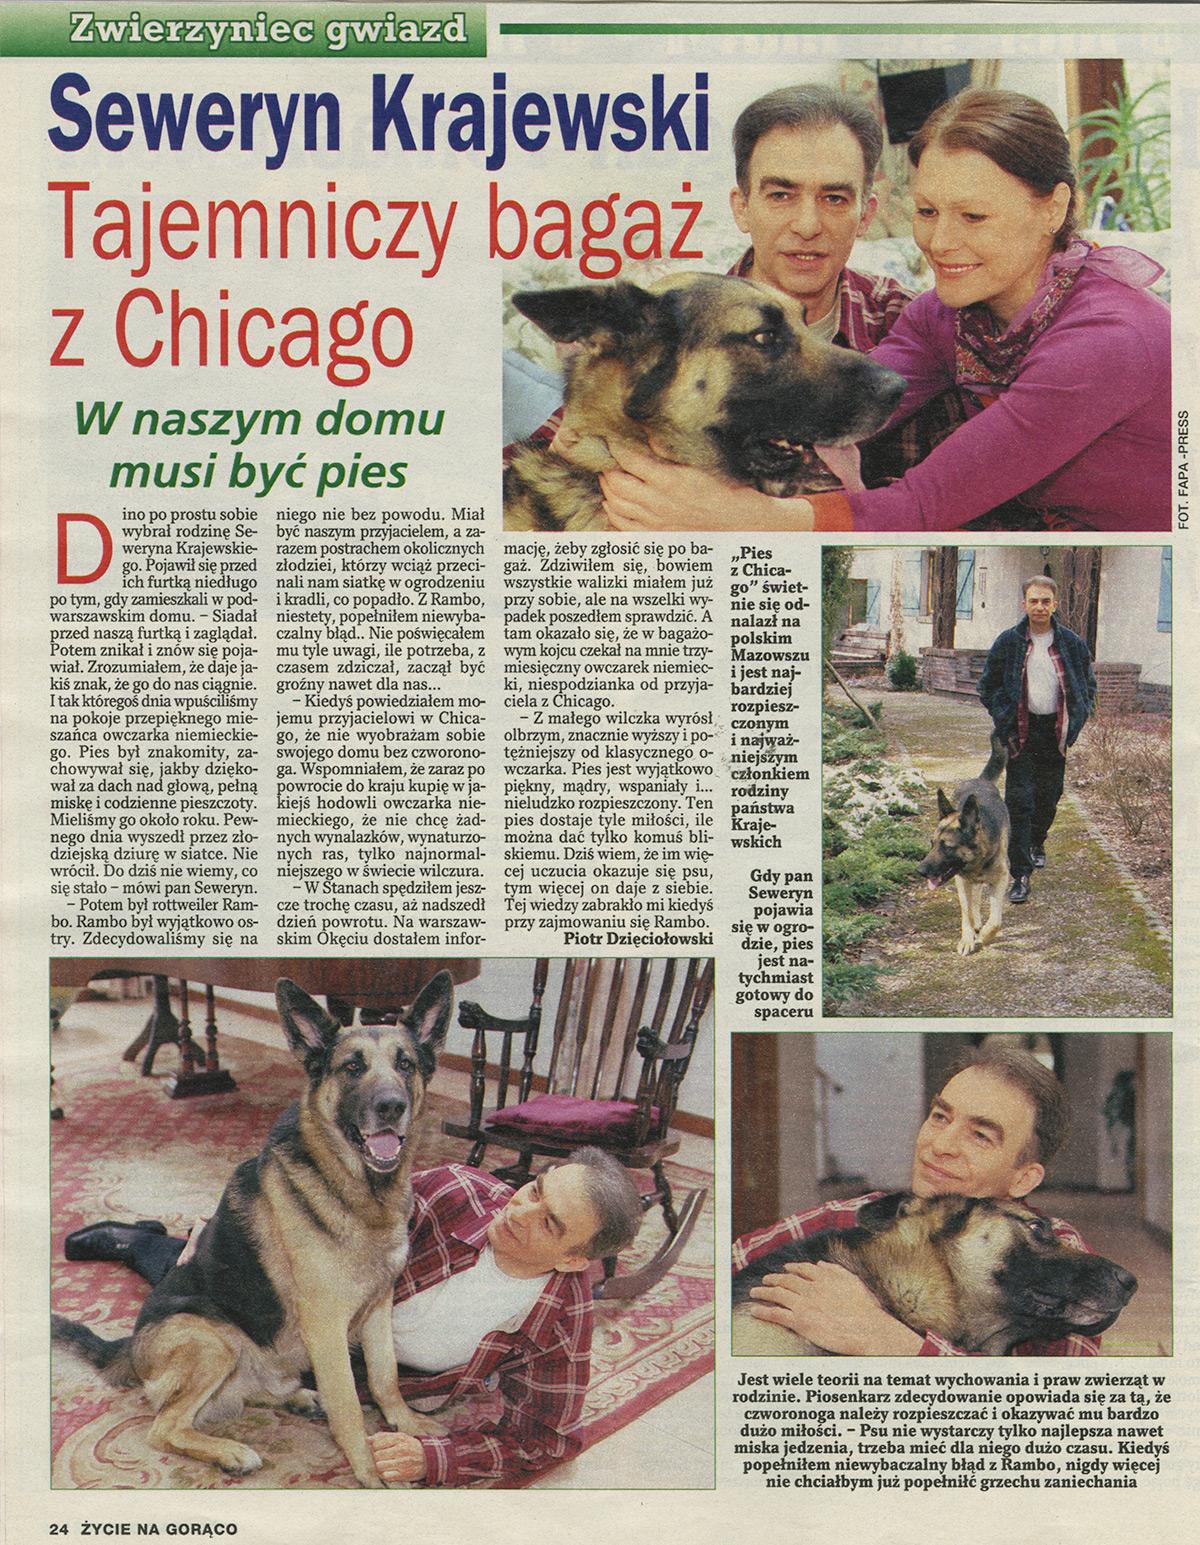 1991-2003-zyczie_na_goraco_2001_SK_pies